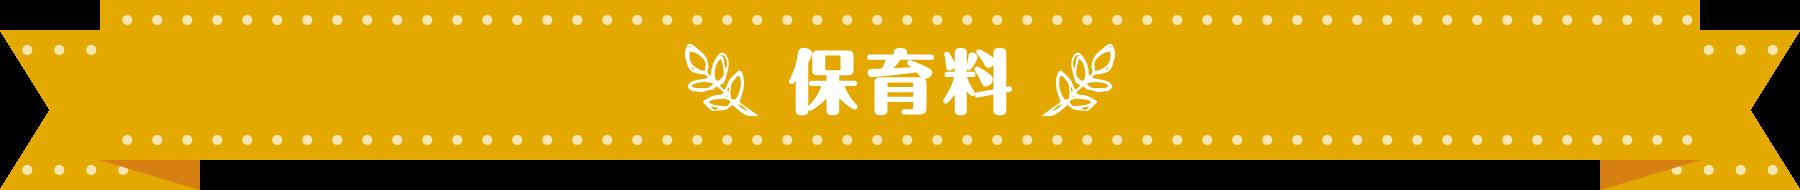 ぽかぽか保育園の料金情報